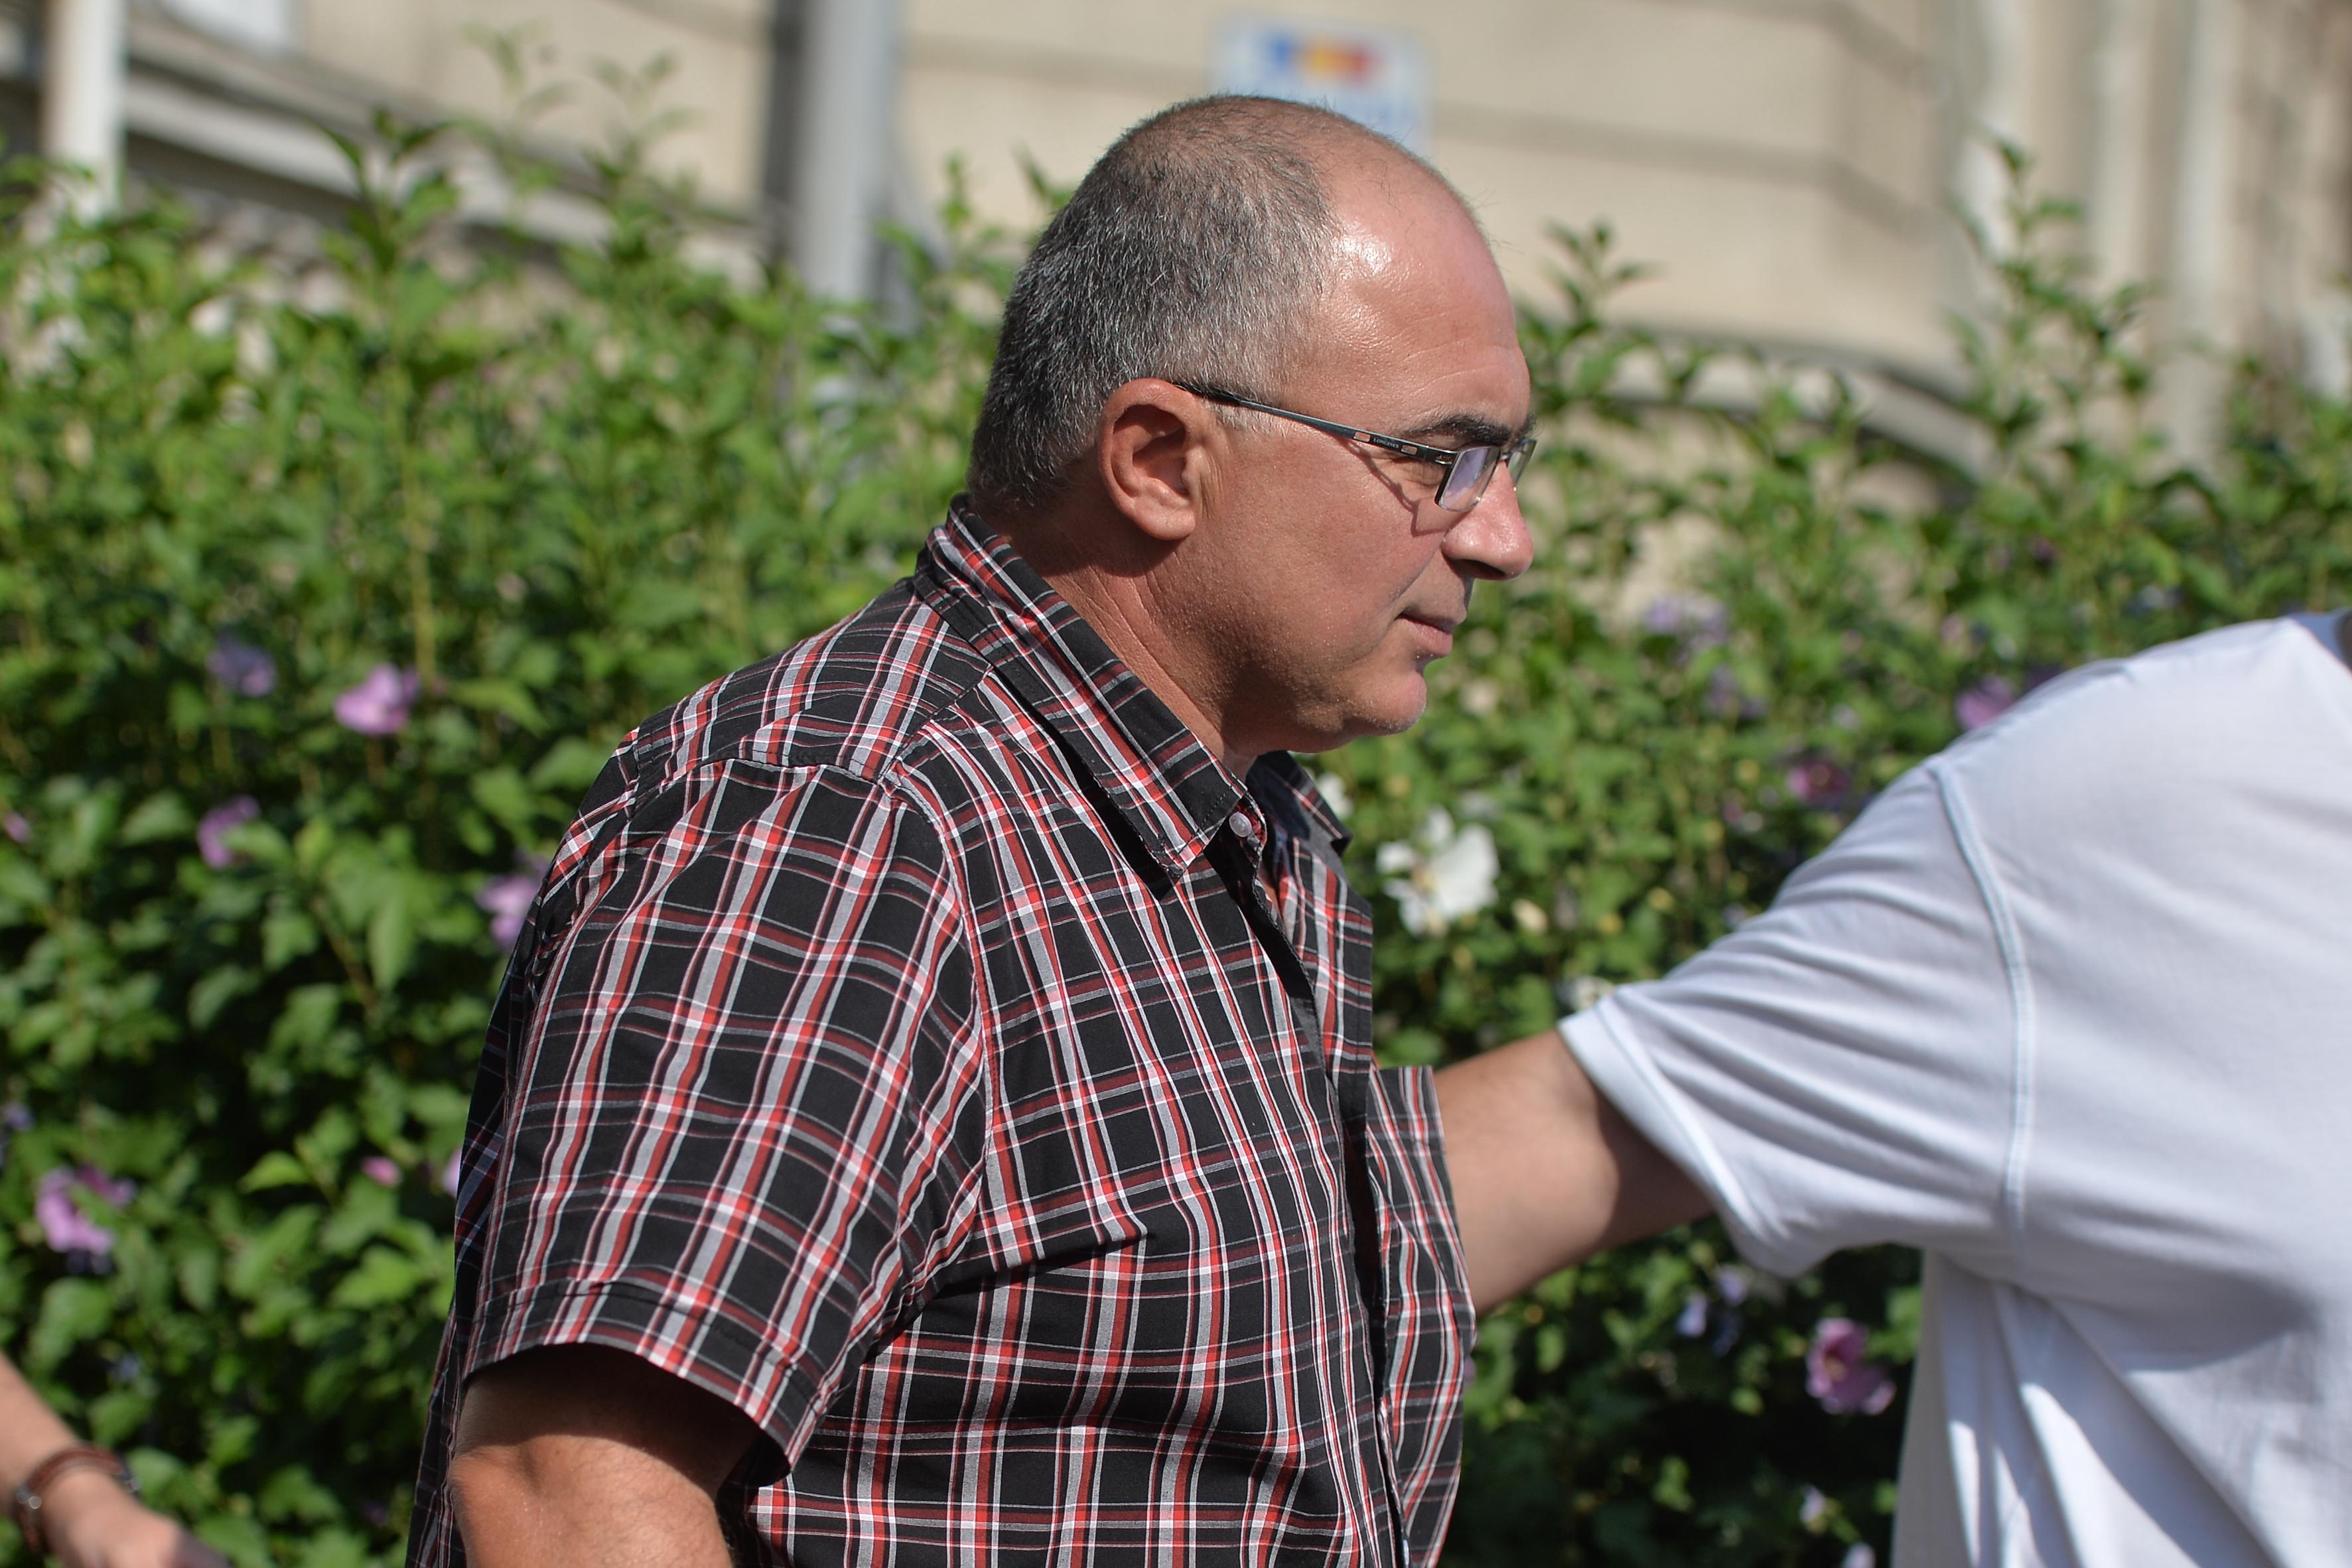 Dosarul fermei de porci | De ce nu s-a cerut arestarea lui Ilie Dragne. 60 de audiaţi, toţi liberi